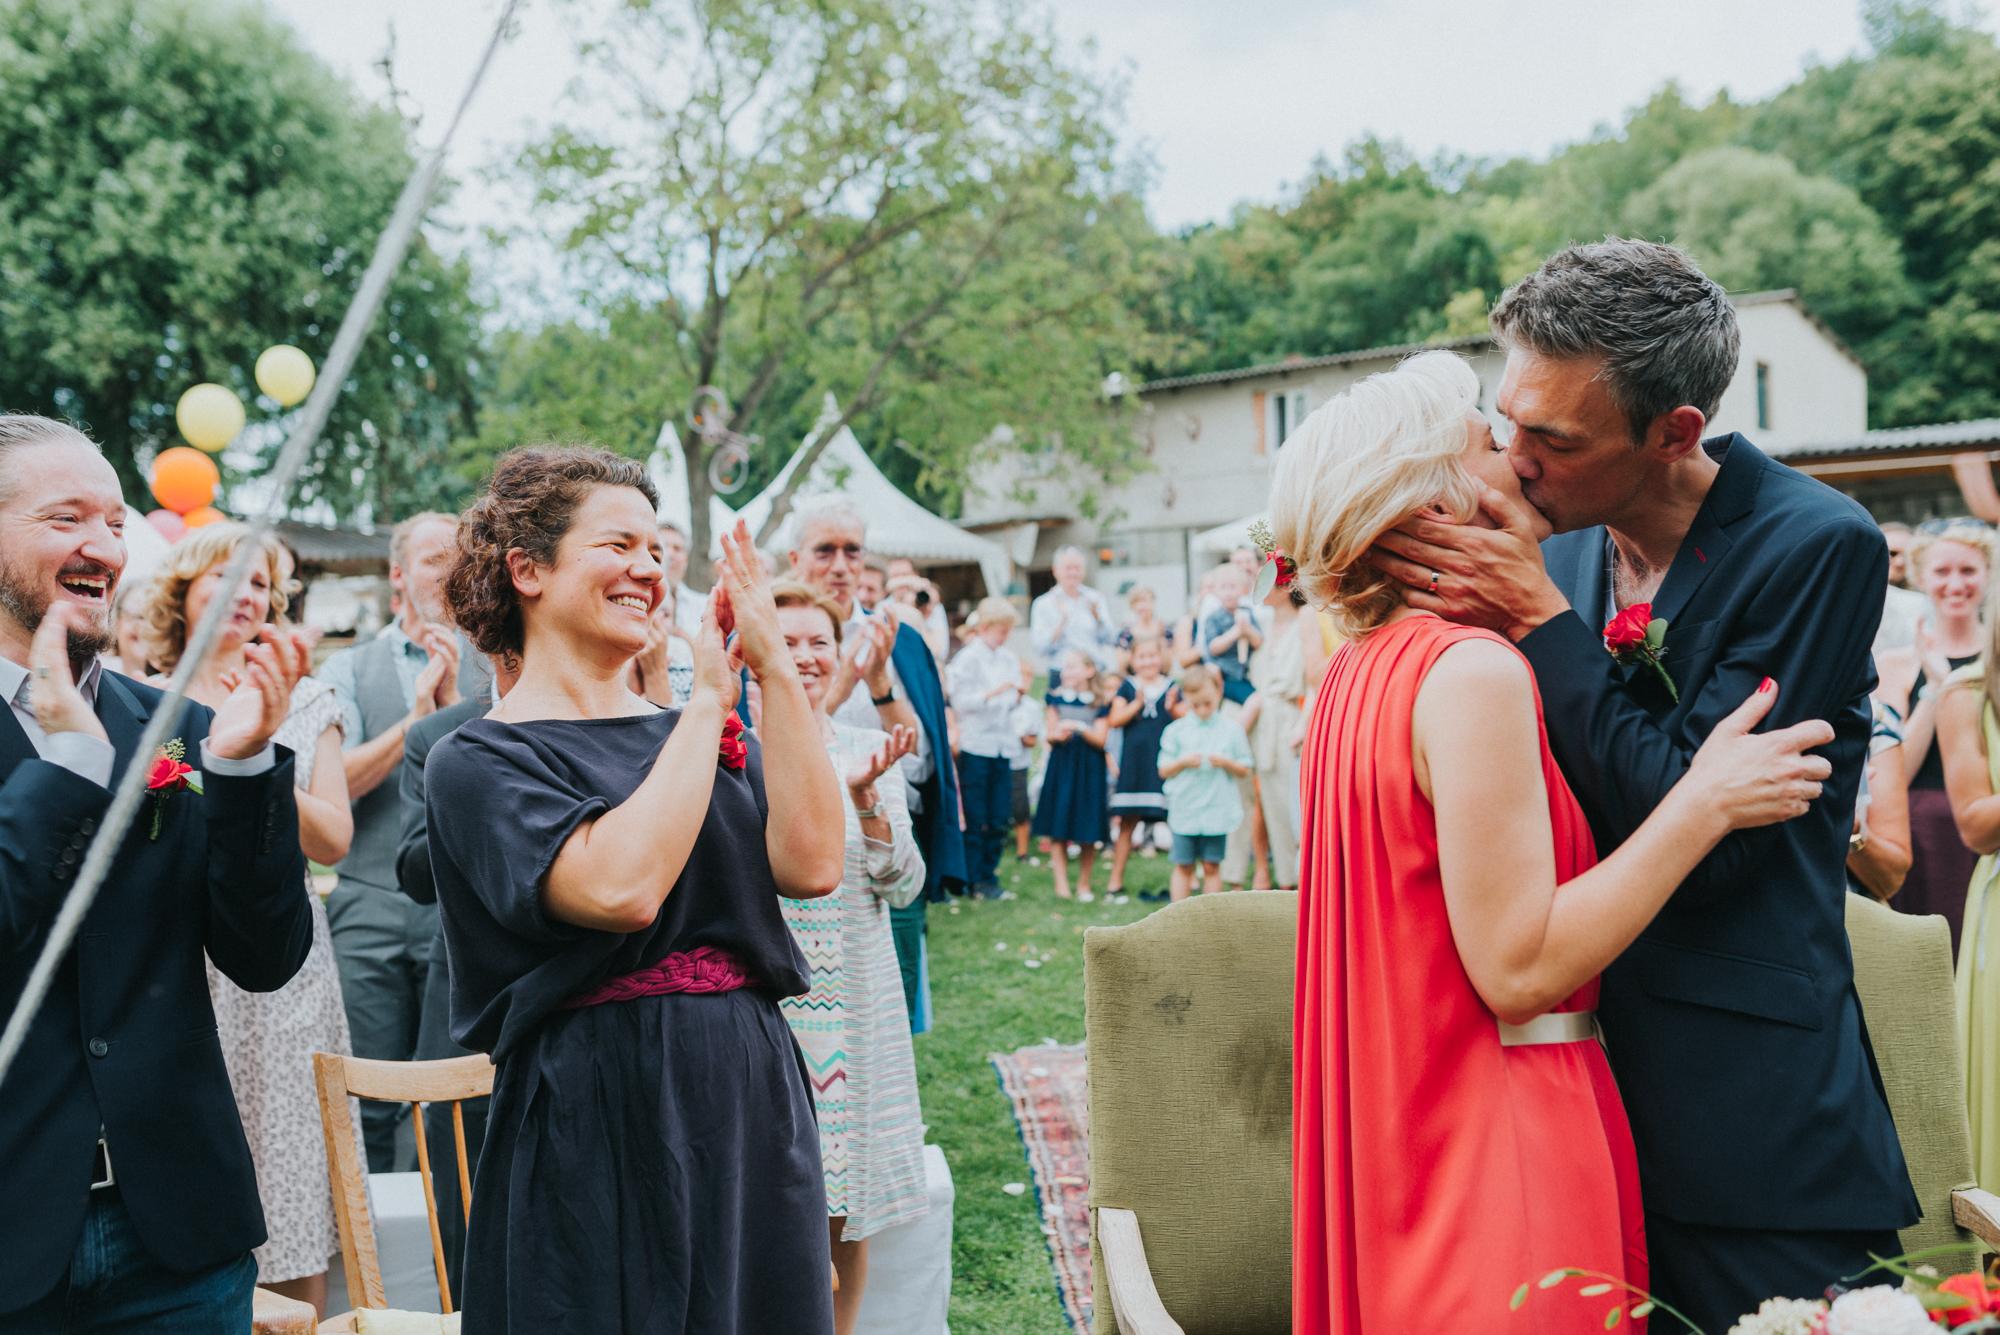 belle&sass_Hochzeit_Stadtflucht Bergmühle-30.jpg